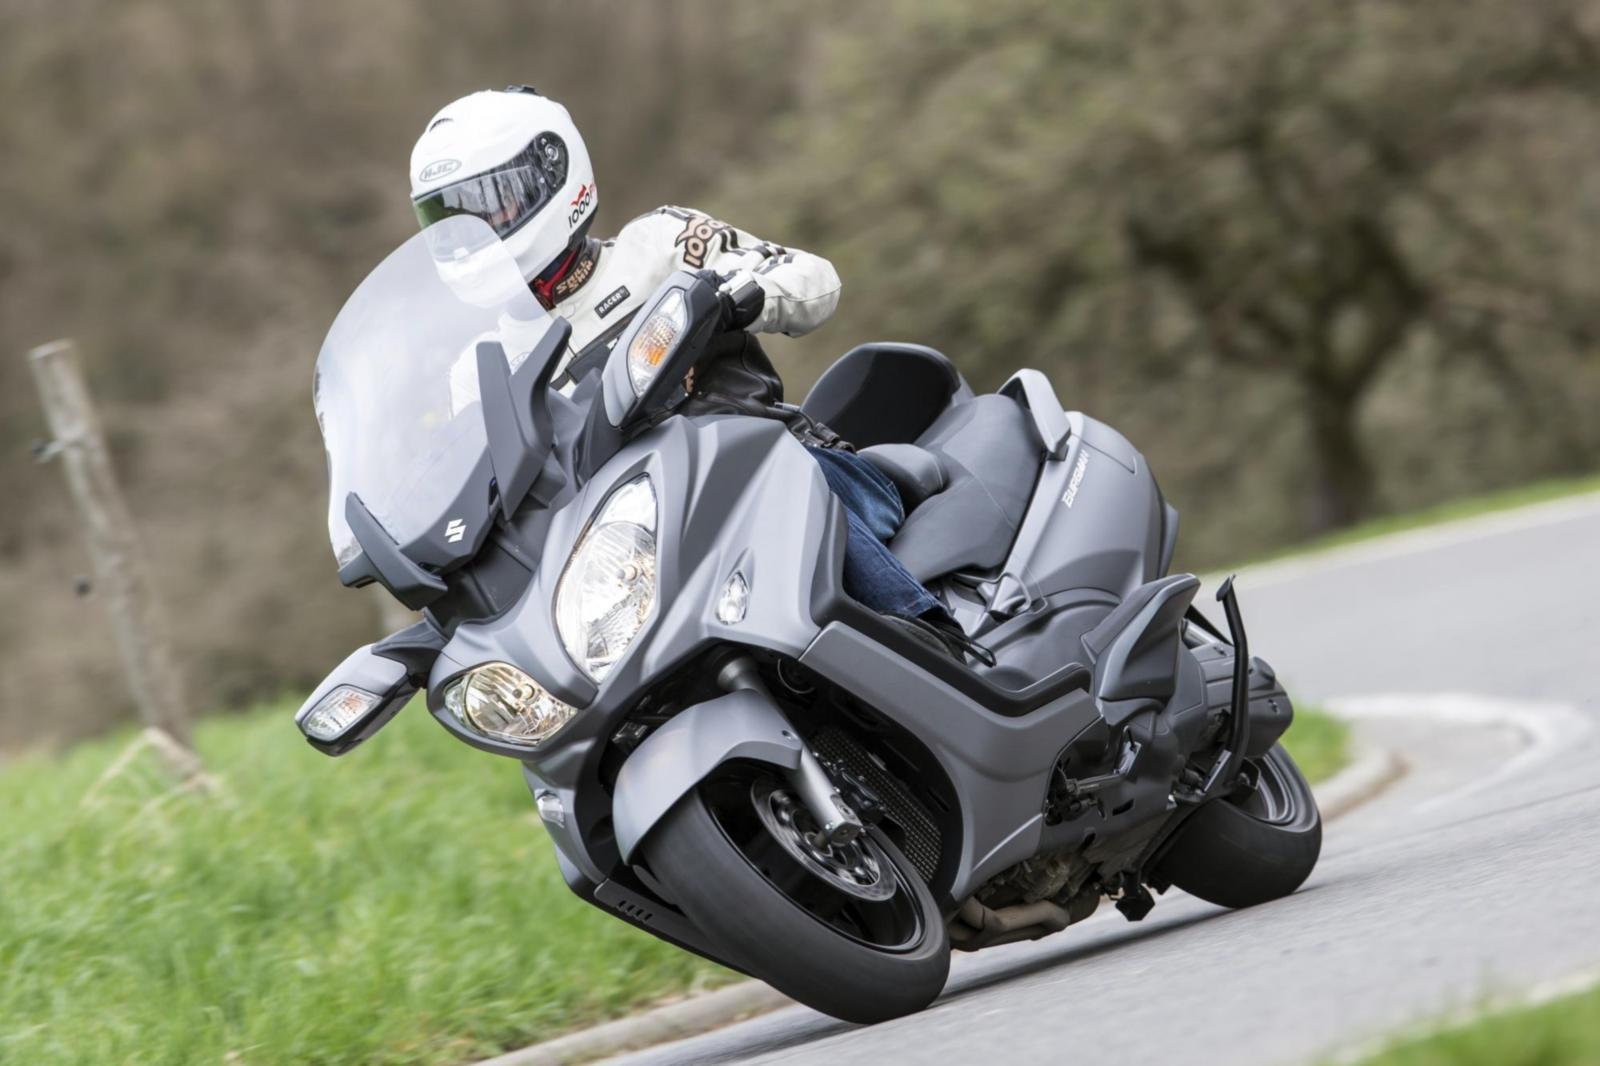 Motorrad Fahrer auf Motorrad